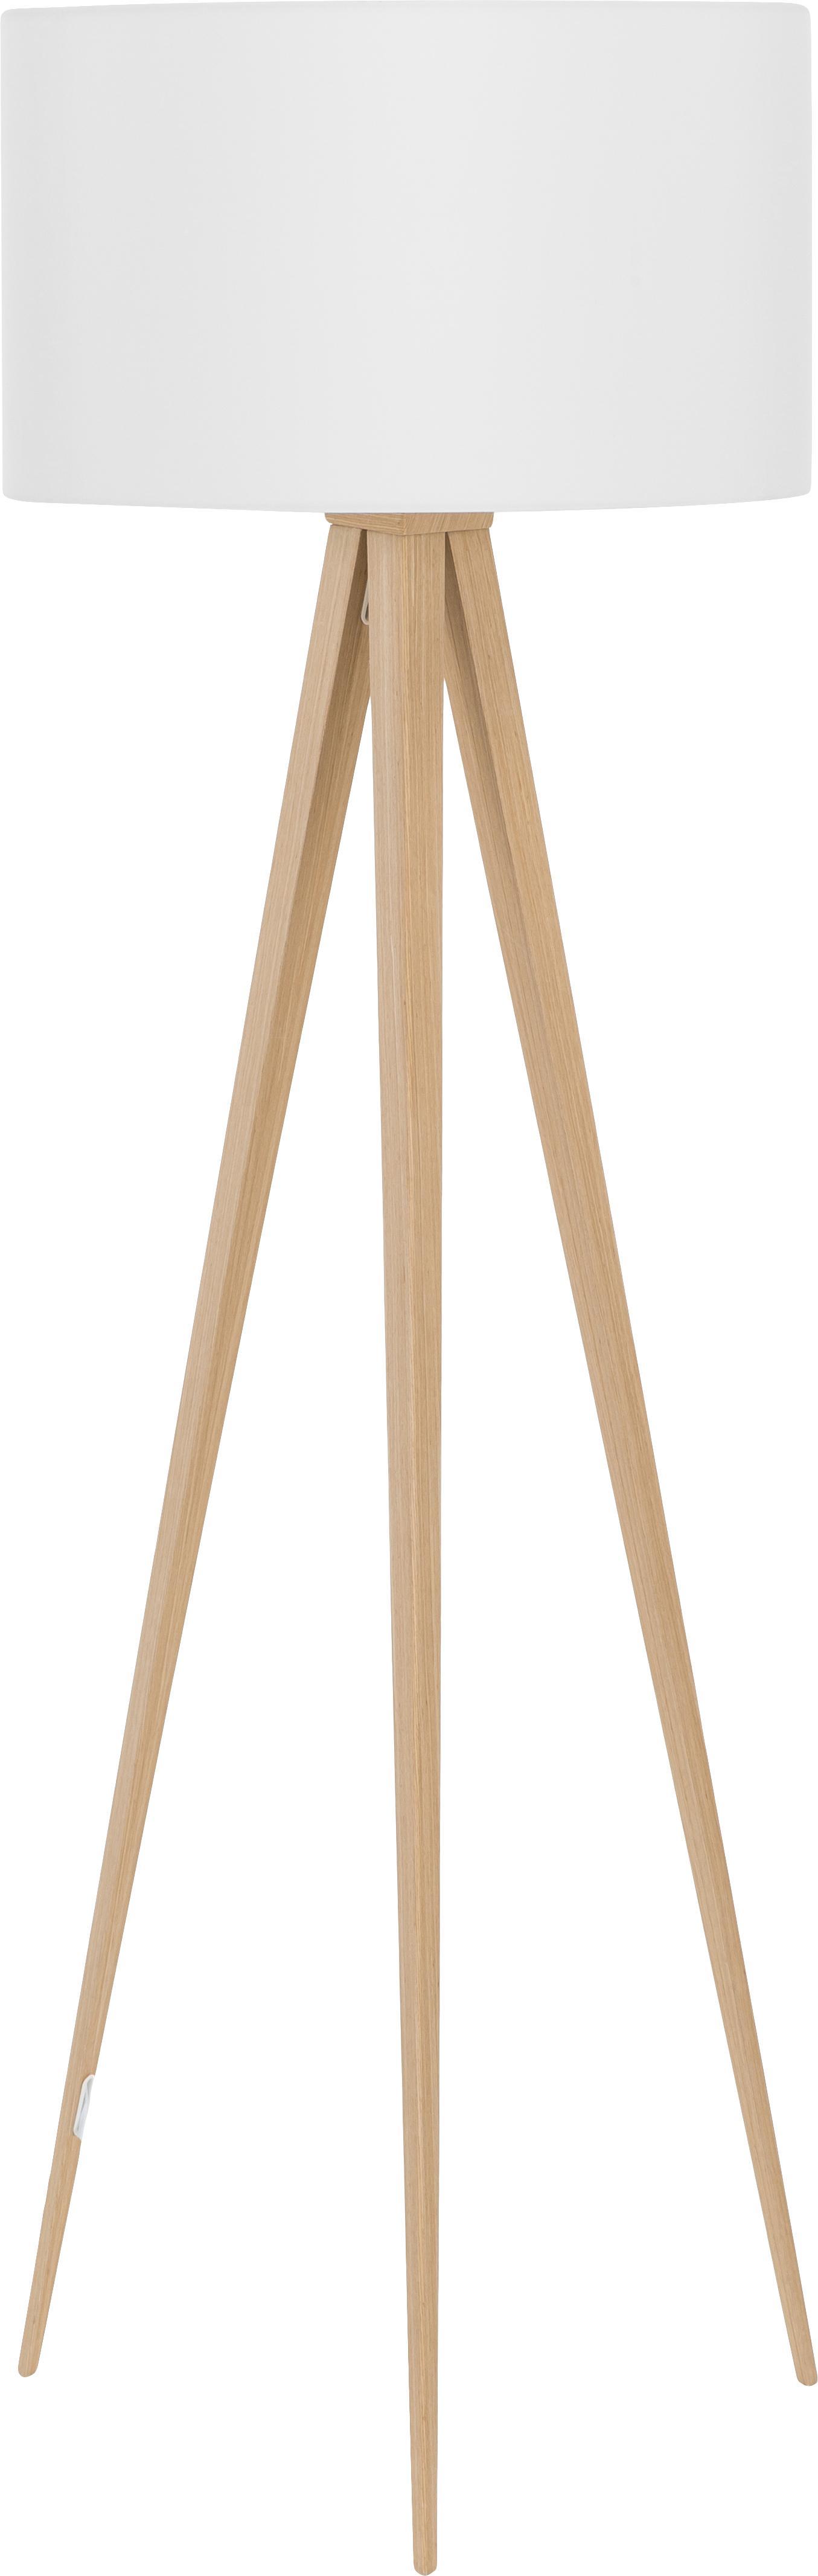 Lámpara de pie tripode Jake, Pantalla: algodón, Cable: plástico, Blanco, madera, ∅ 50 x Al 154 cm